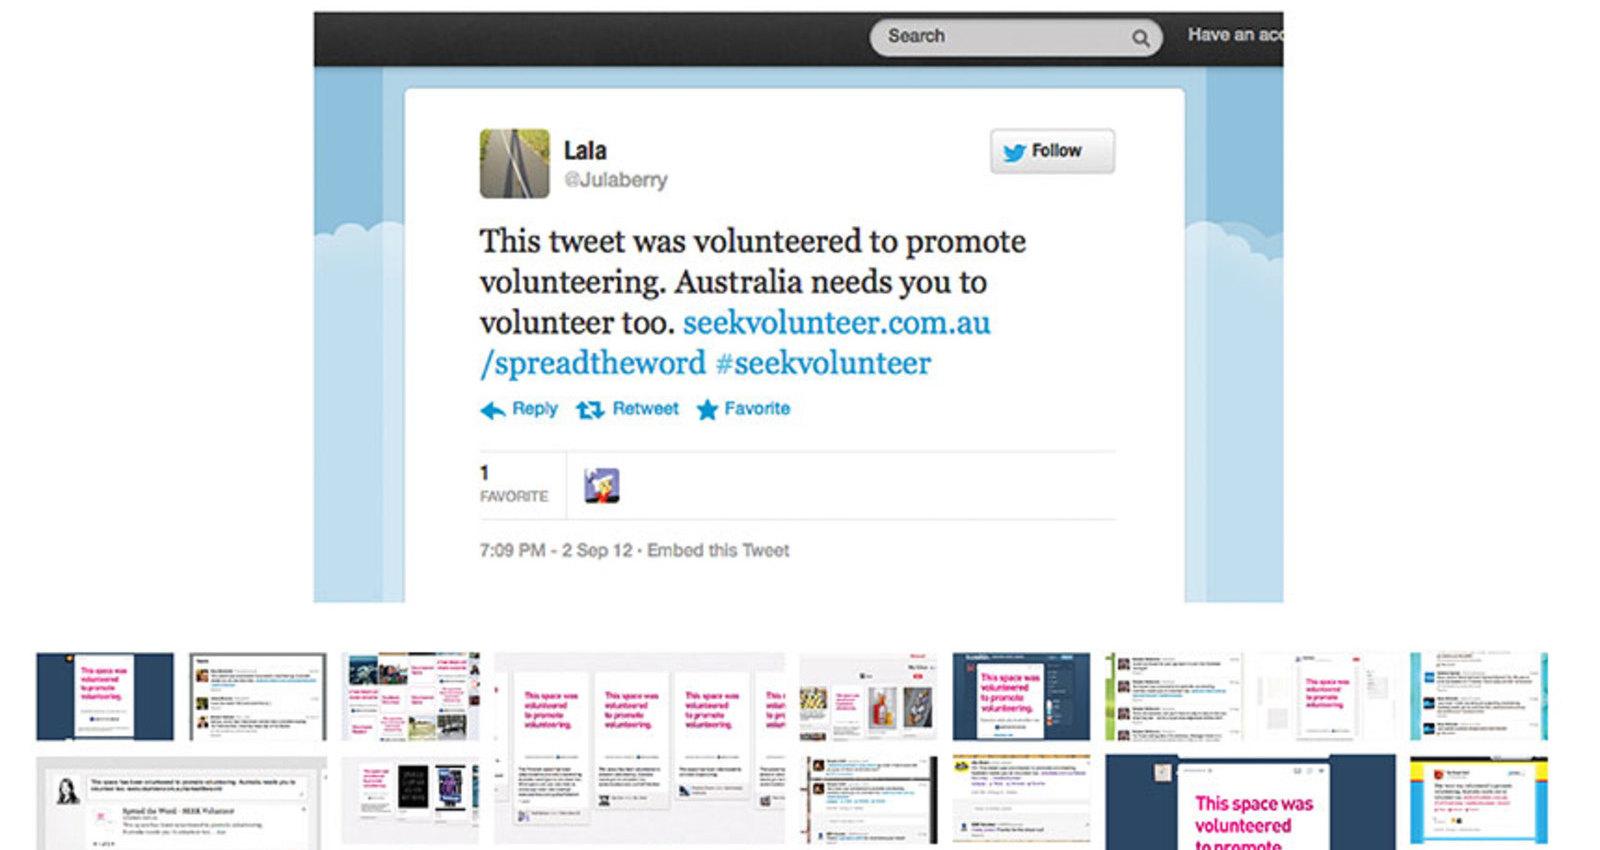 Volunteer to promote volunteering